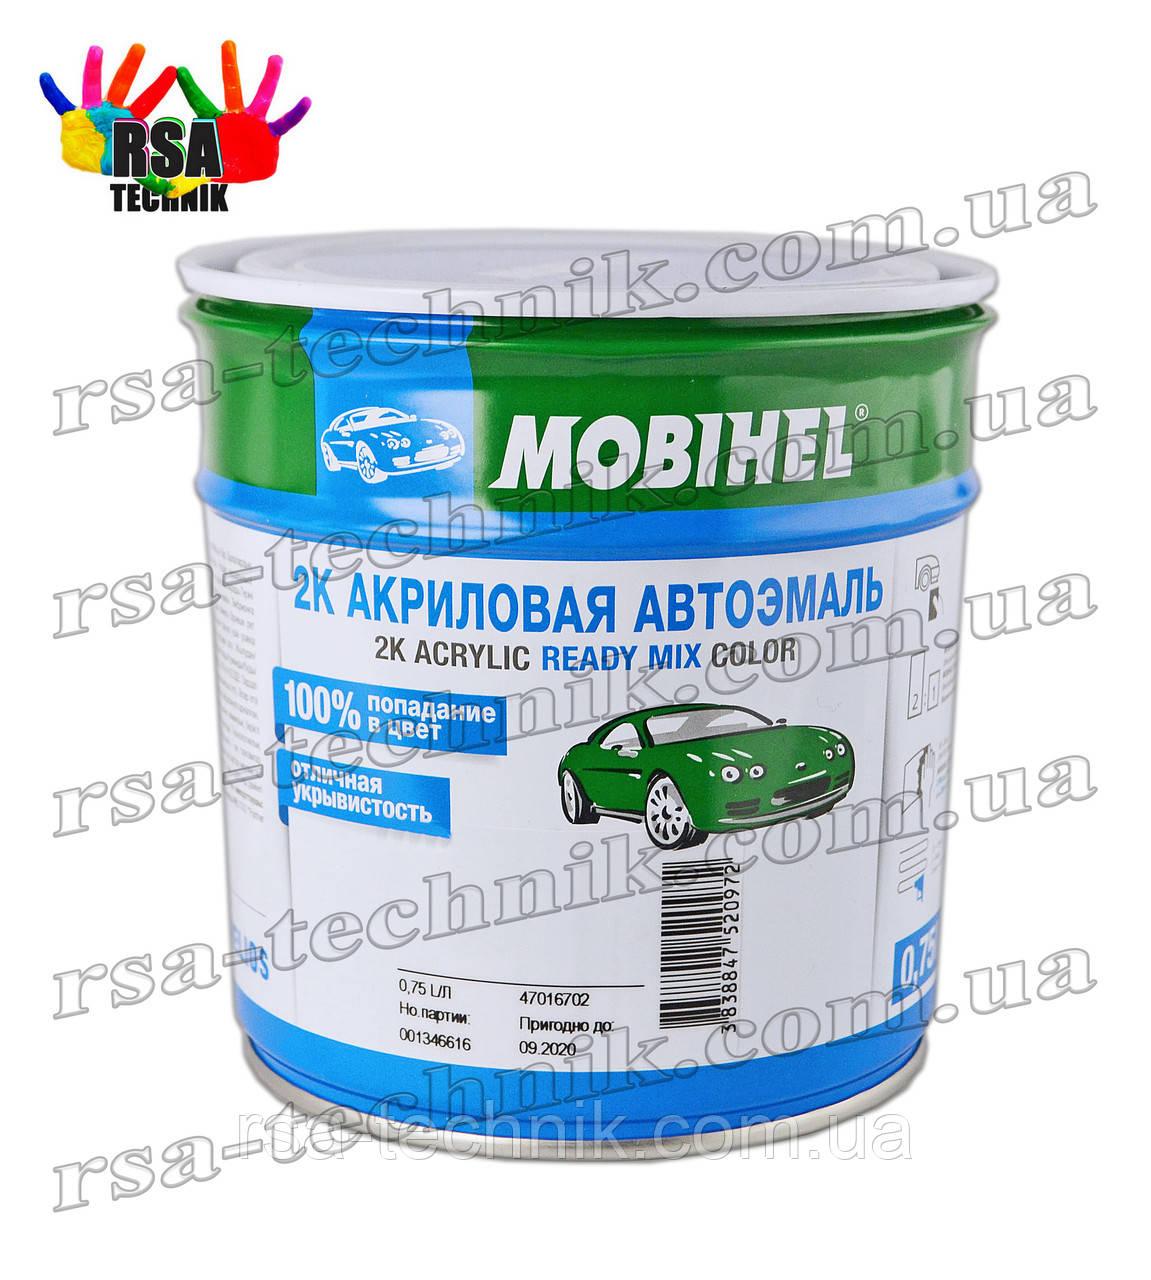 Акрилова емаль mobihel 0,75 л Валентина